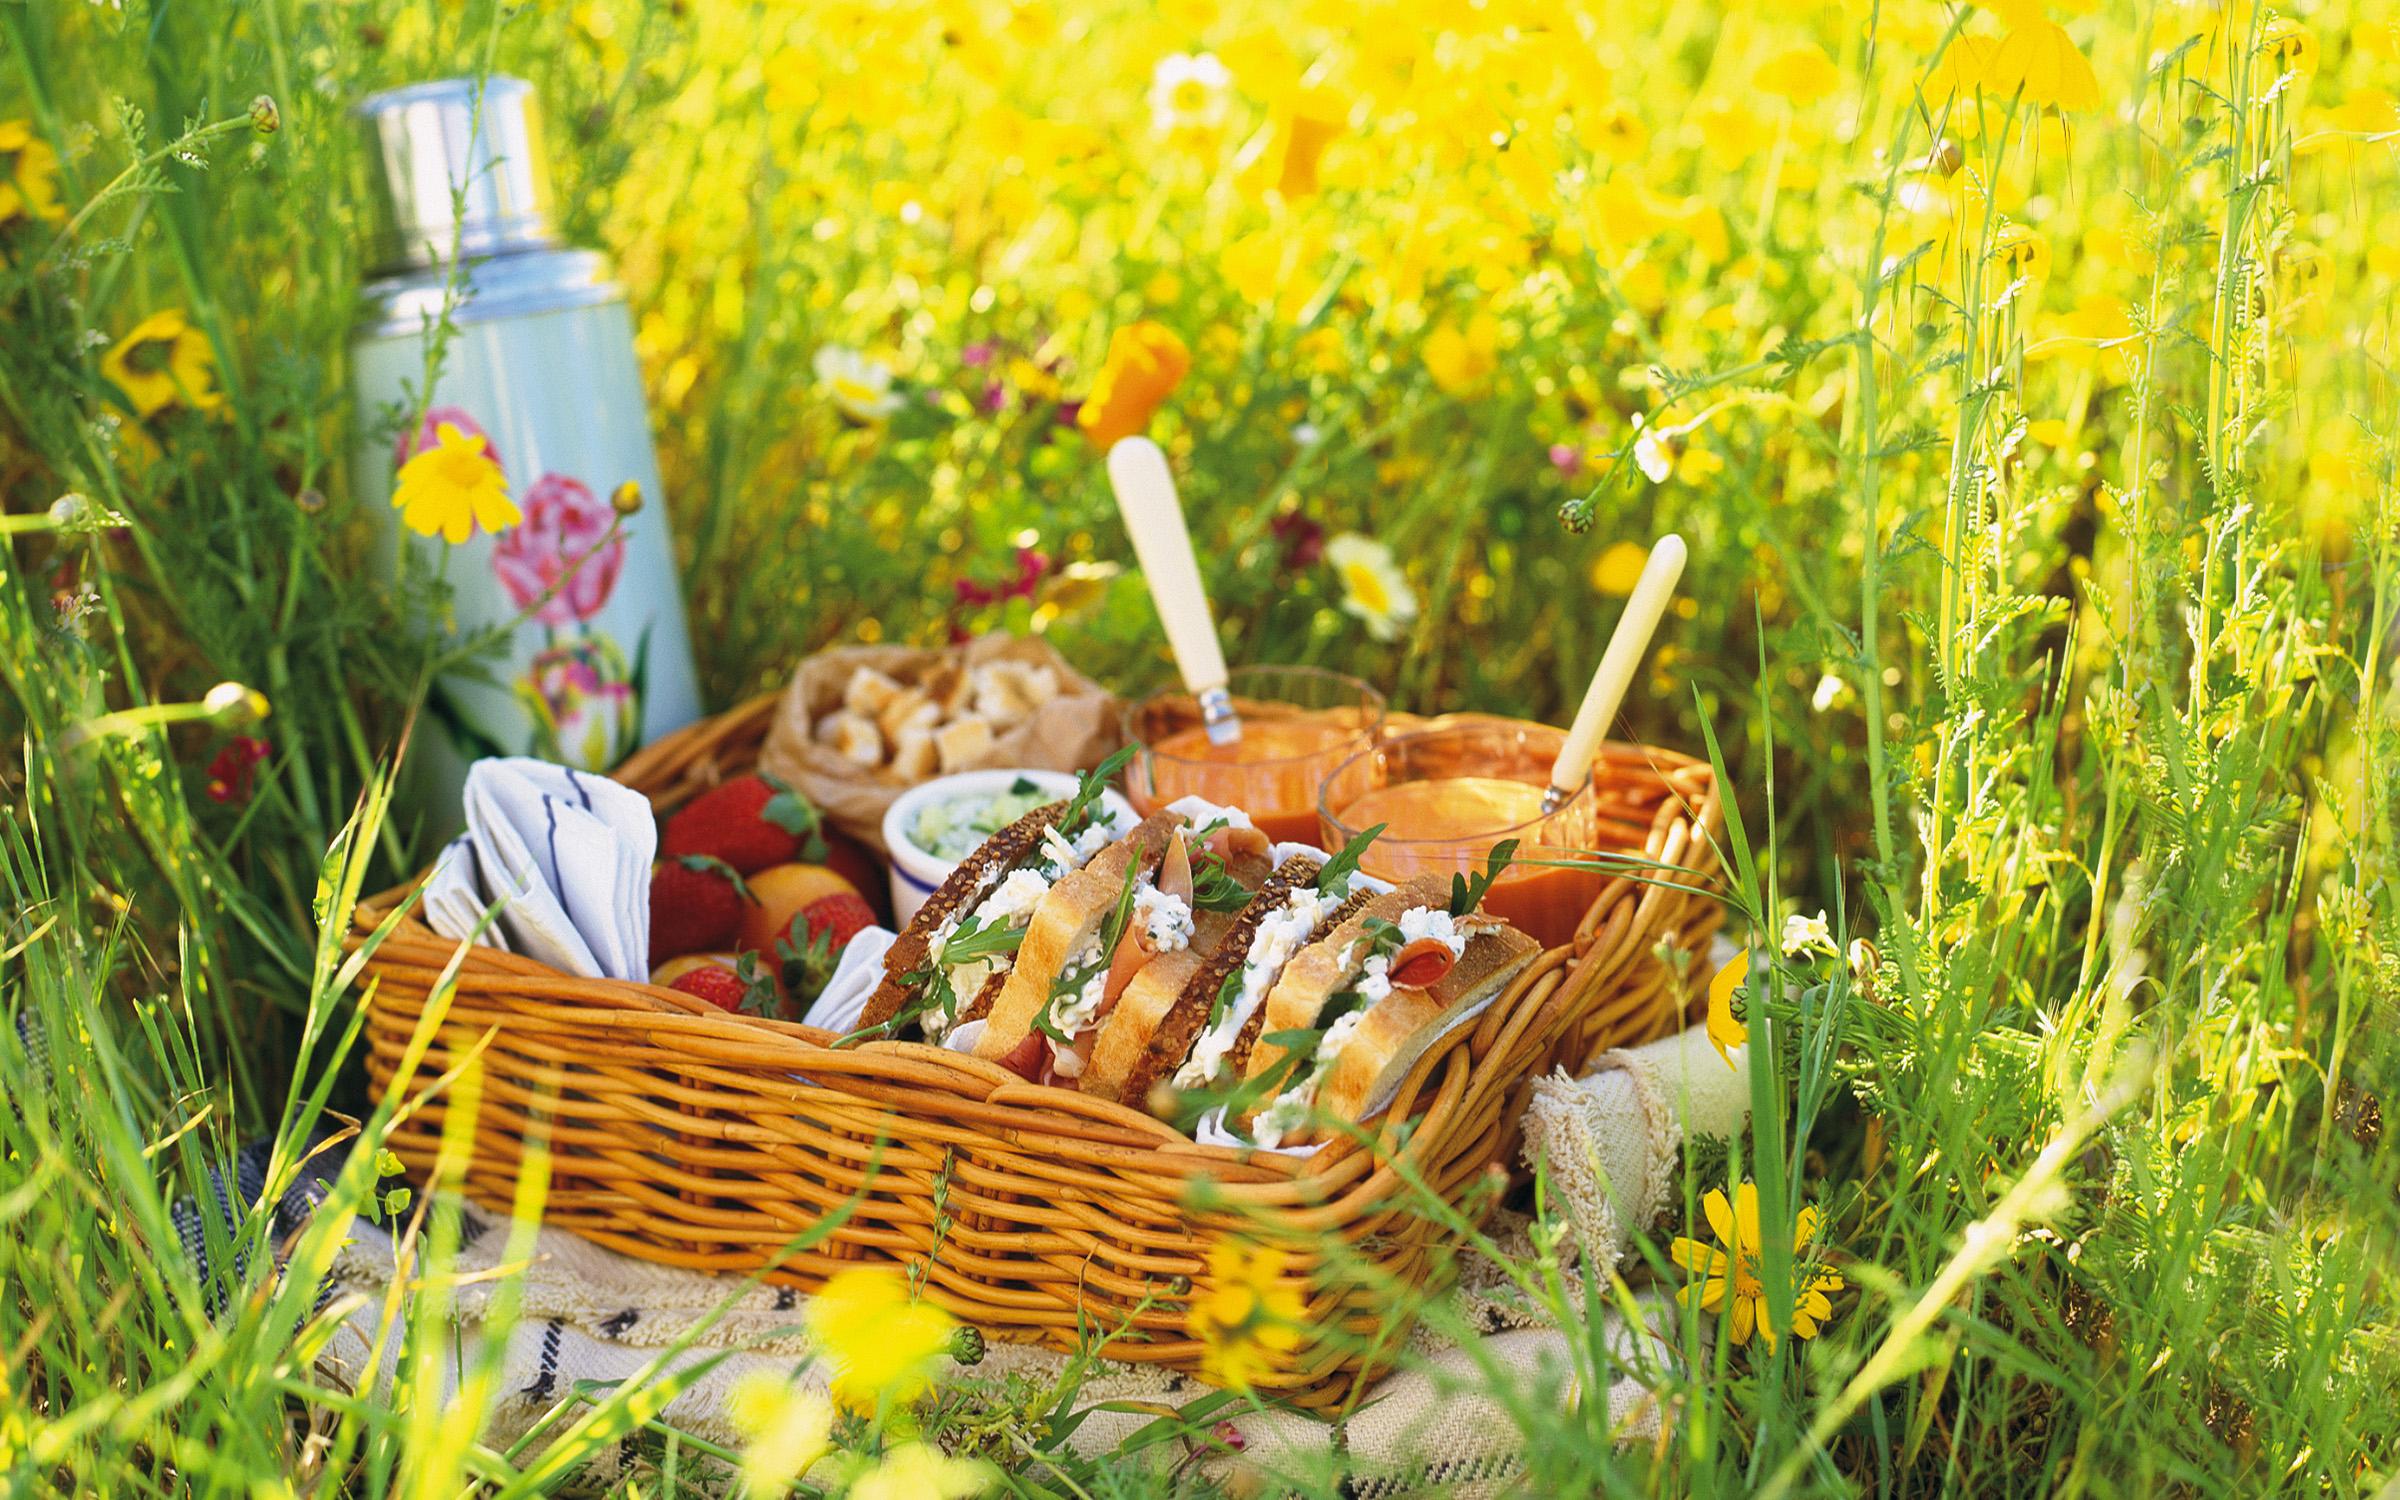 Picknick och utflykt